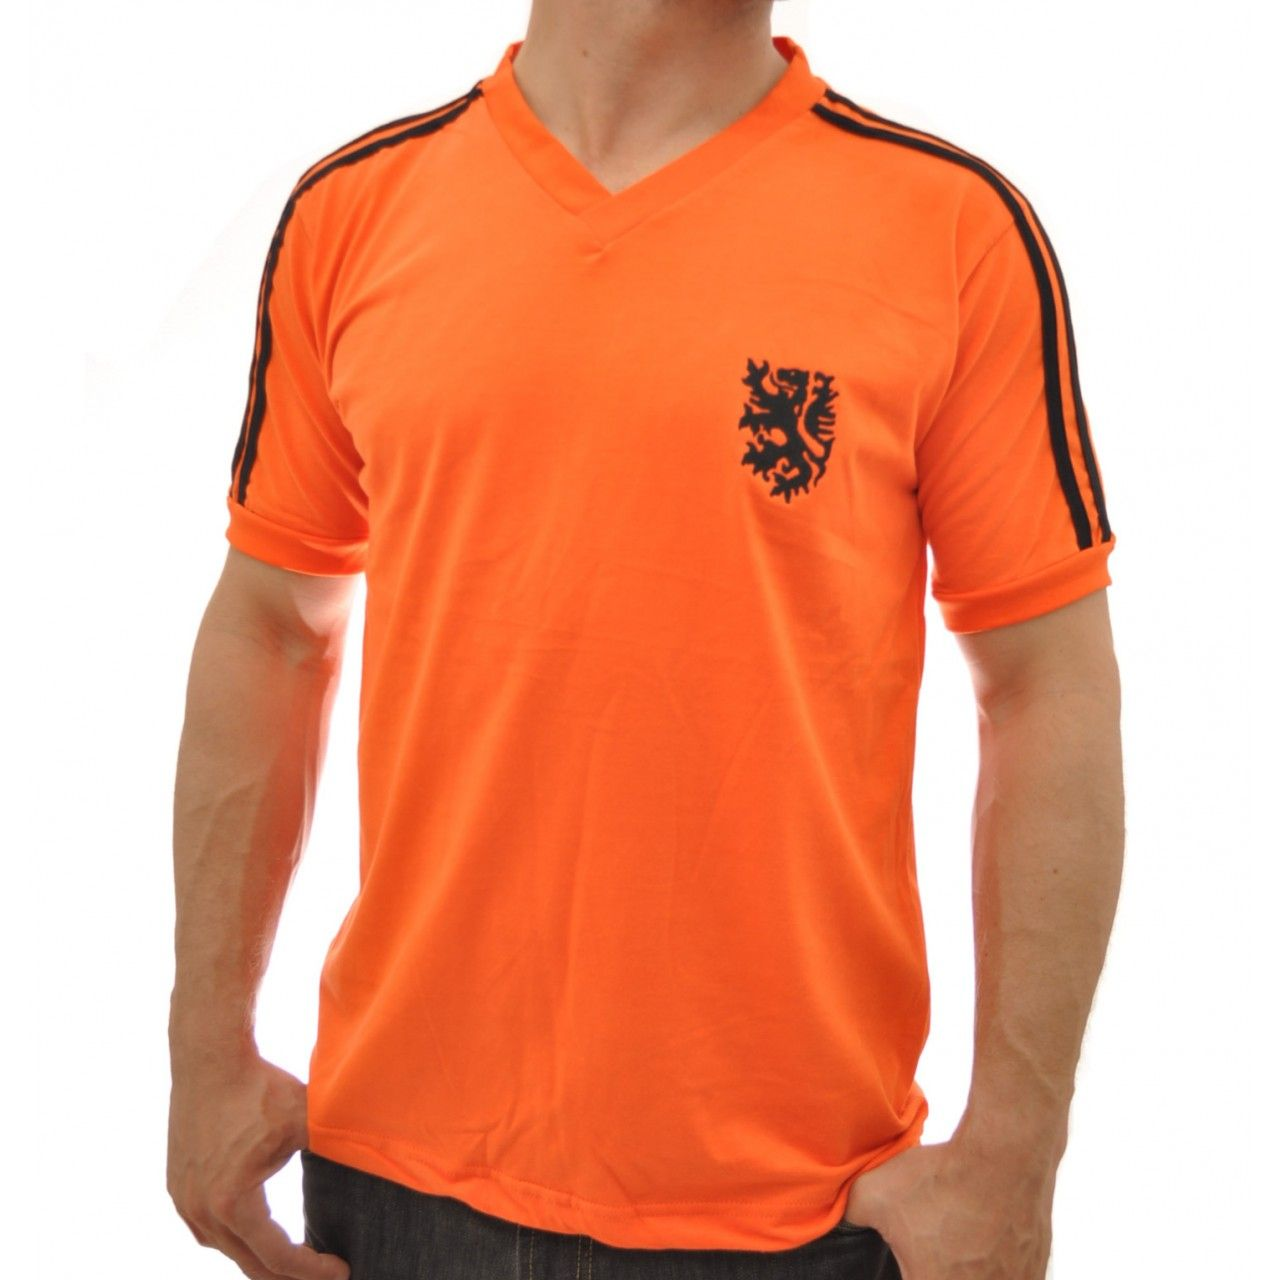 c479ef0a97 Camisa Retrô Holanda 1974 | Camisas de futebol retrô | Mens tops ...